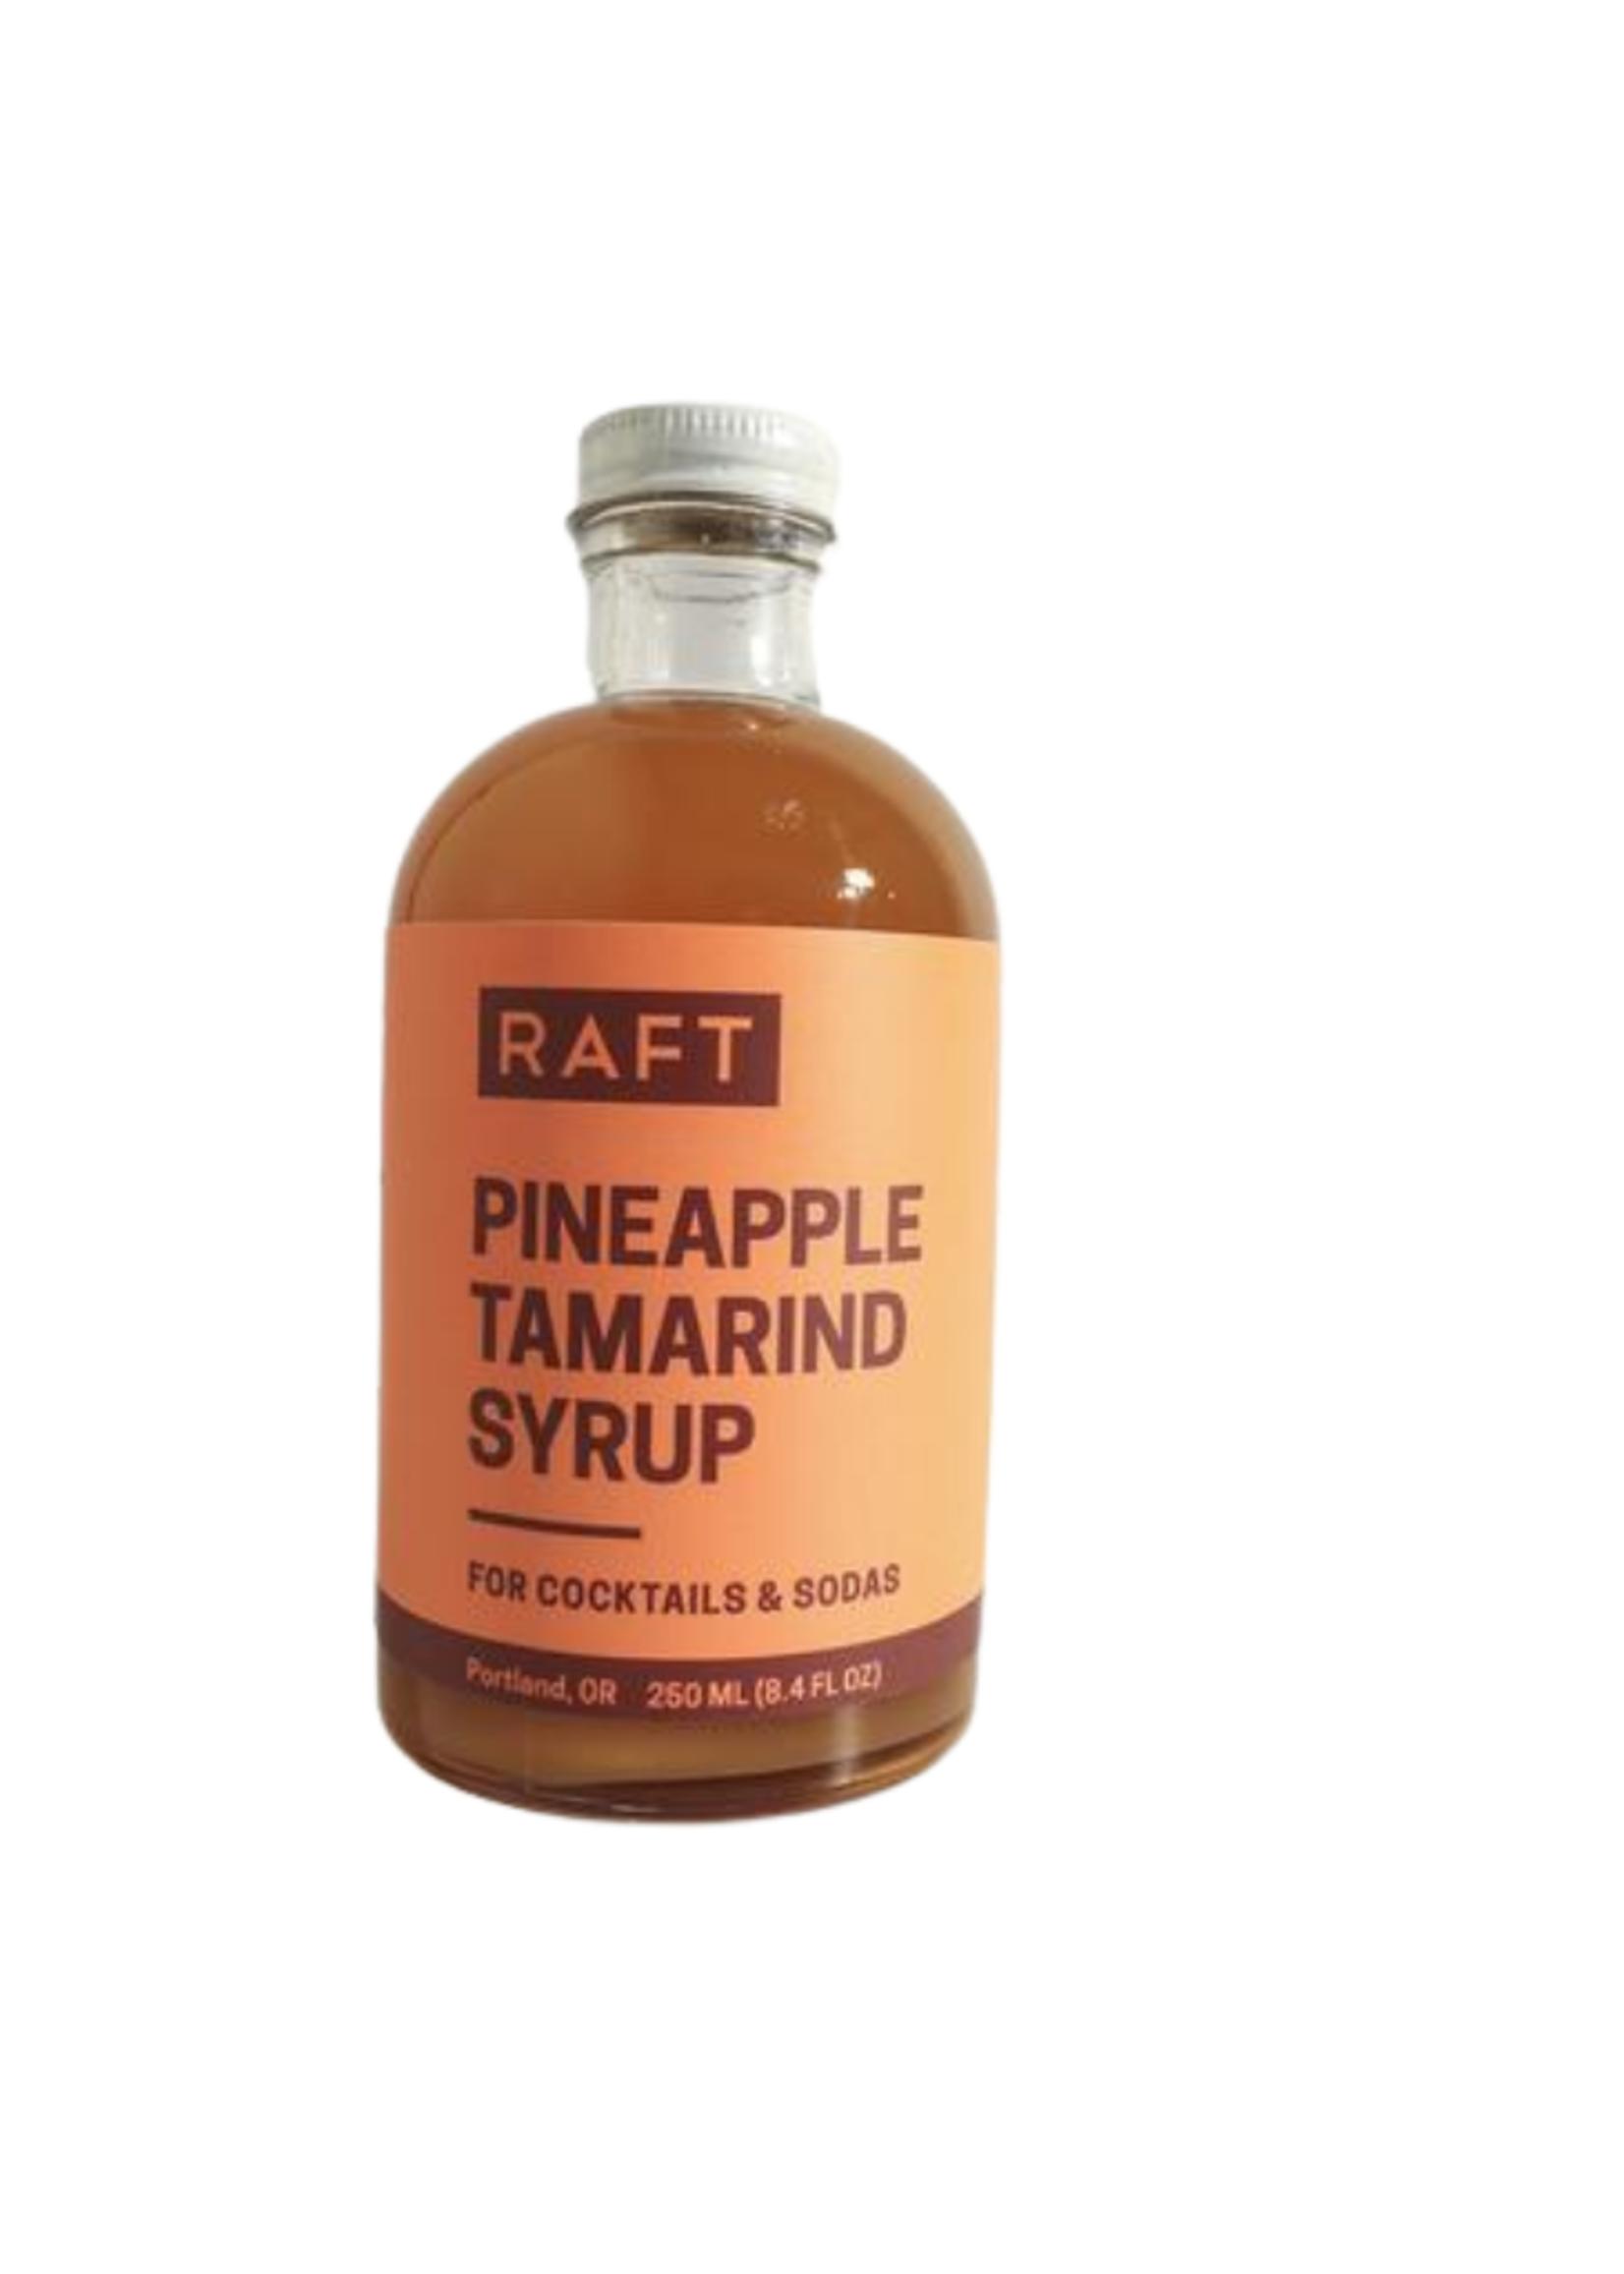 RAFT Pineapple Tamarind Syrup